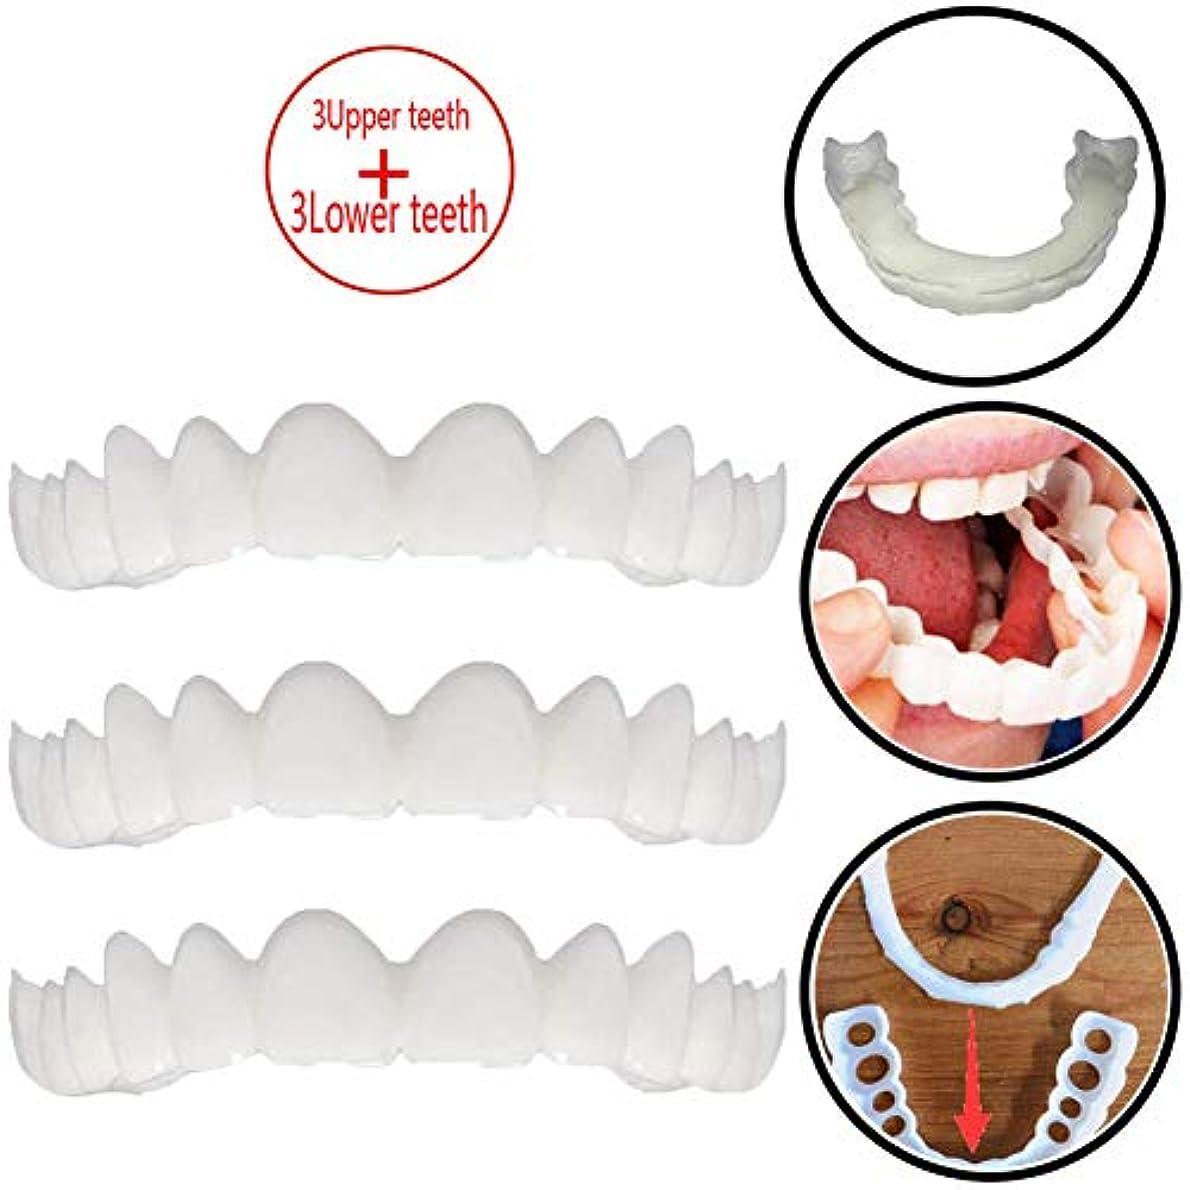 衣類パキスタン失態3ペアの一時的な歯のホワイトニング、シミュレーションブレース上部ブレース+下部ブレースホワイトニングティースナップオンインスタント完全ベニア,3upperteeth+3lowerteeth